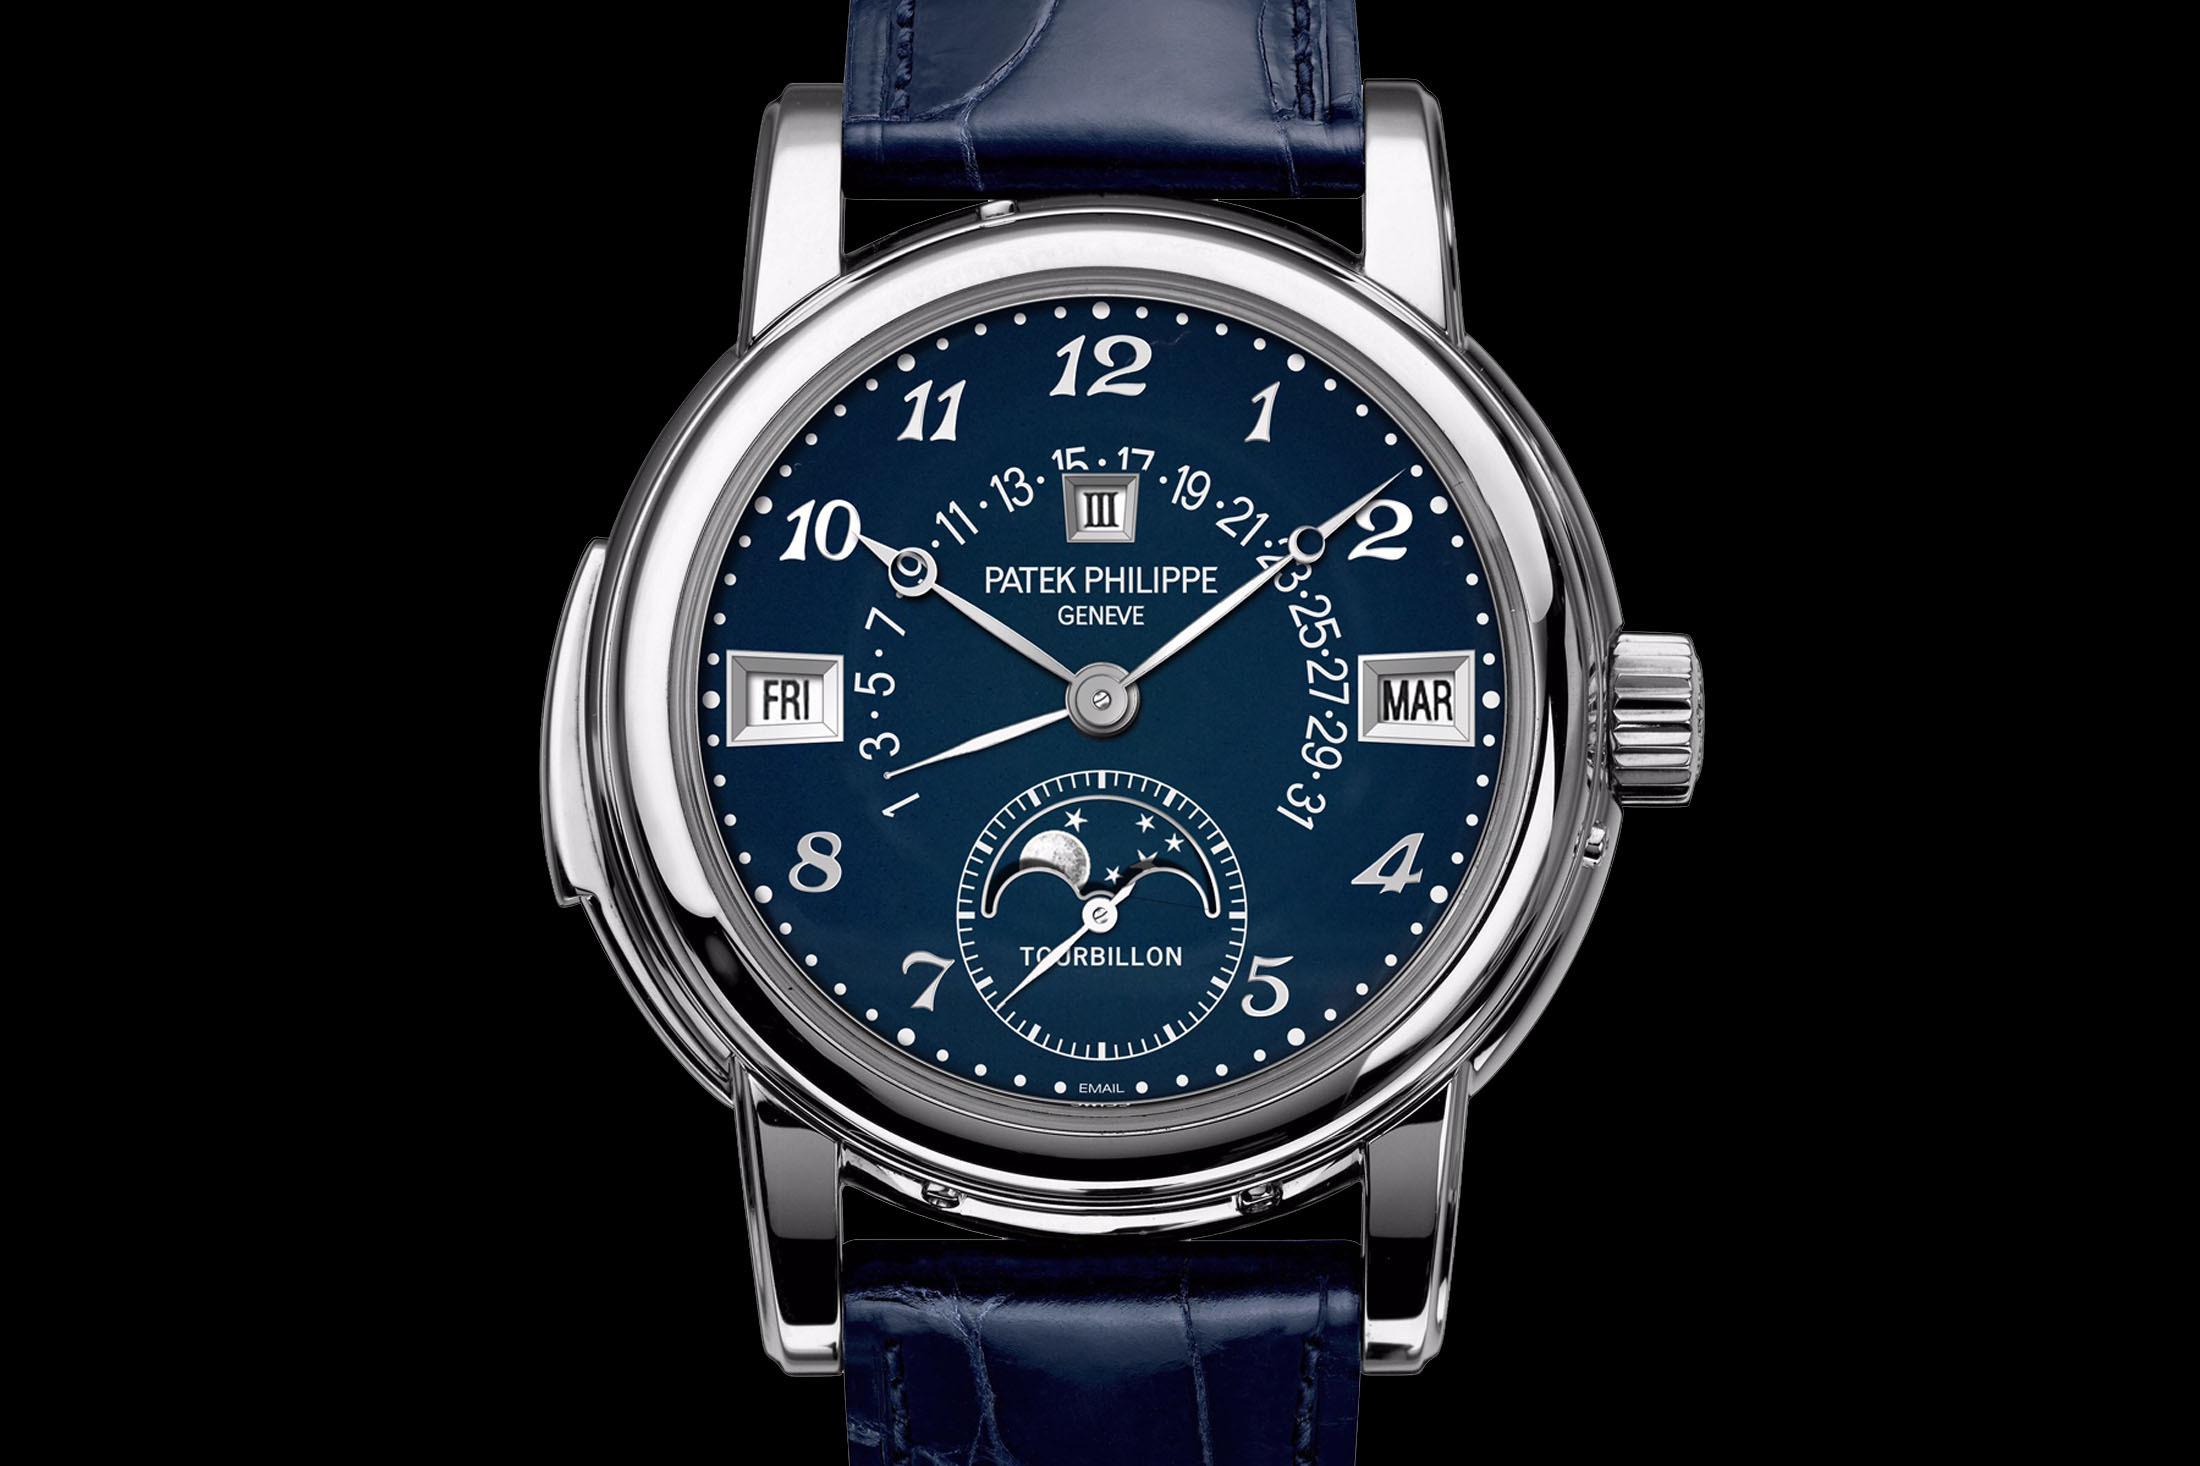 前の記事: パテック フィリップ<br>スチール製時計が9億円で落札